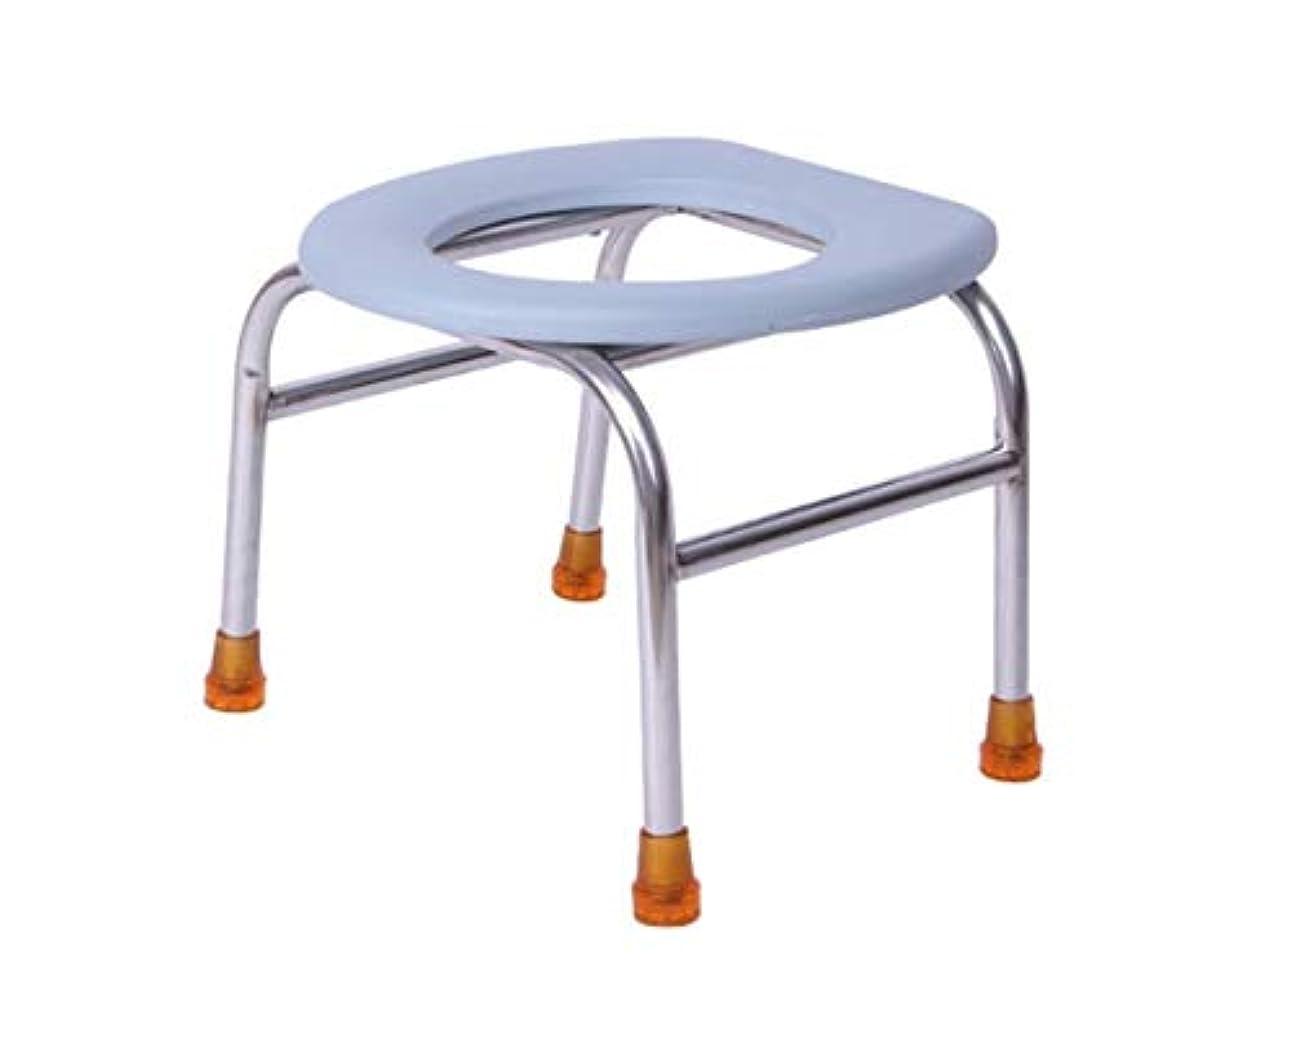 陽気なパントリー放射性滑り止めの便座スツール、高齢者の障害のある妊娠中の女性に適した高齢者の補助浴室の椅子